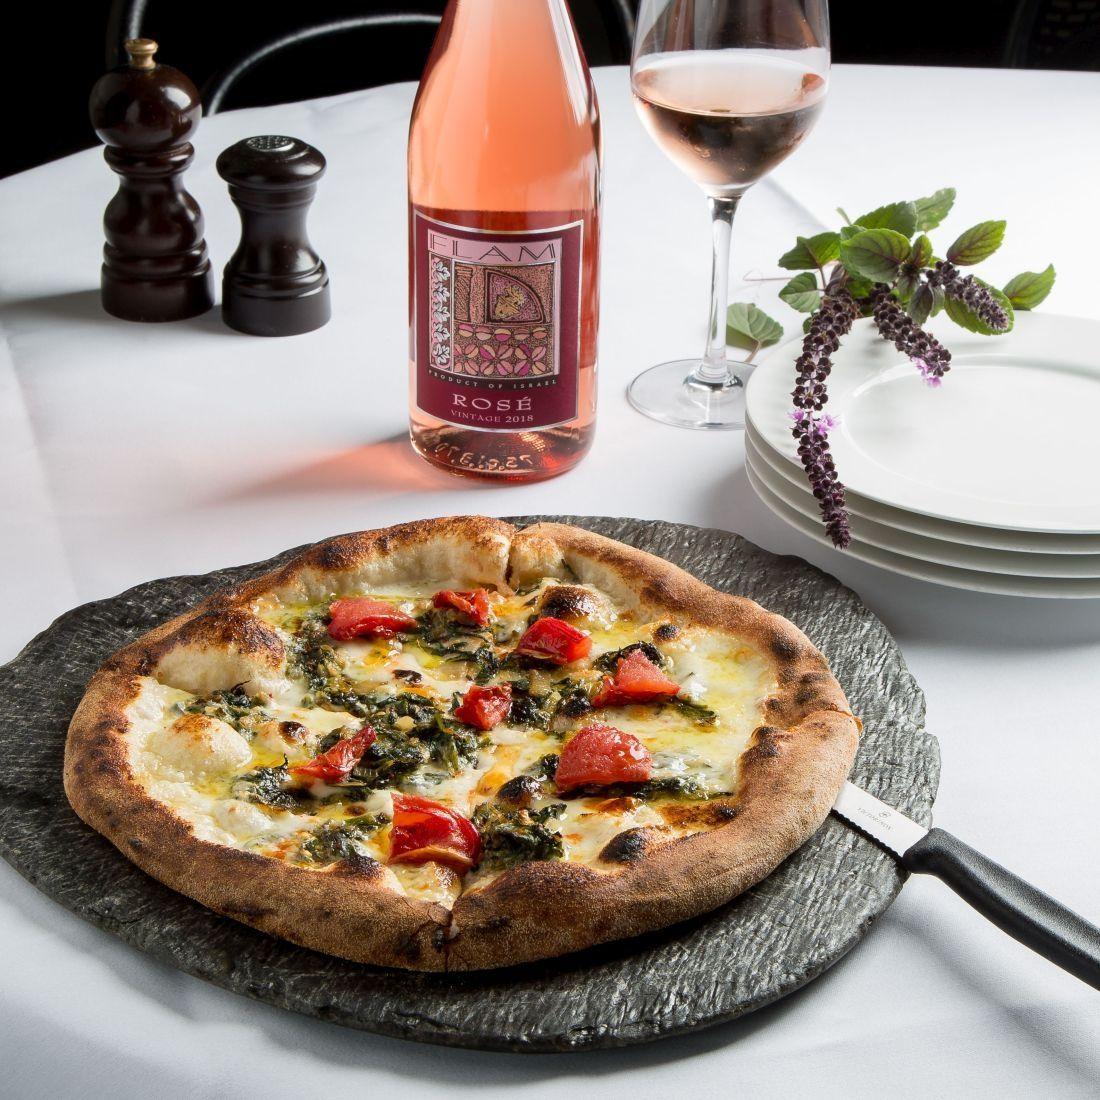 השילוב המנצח בין פיצה ביאנקה לפלם רוזה